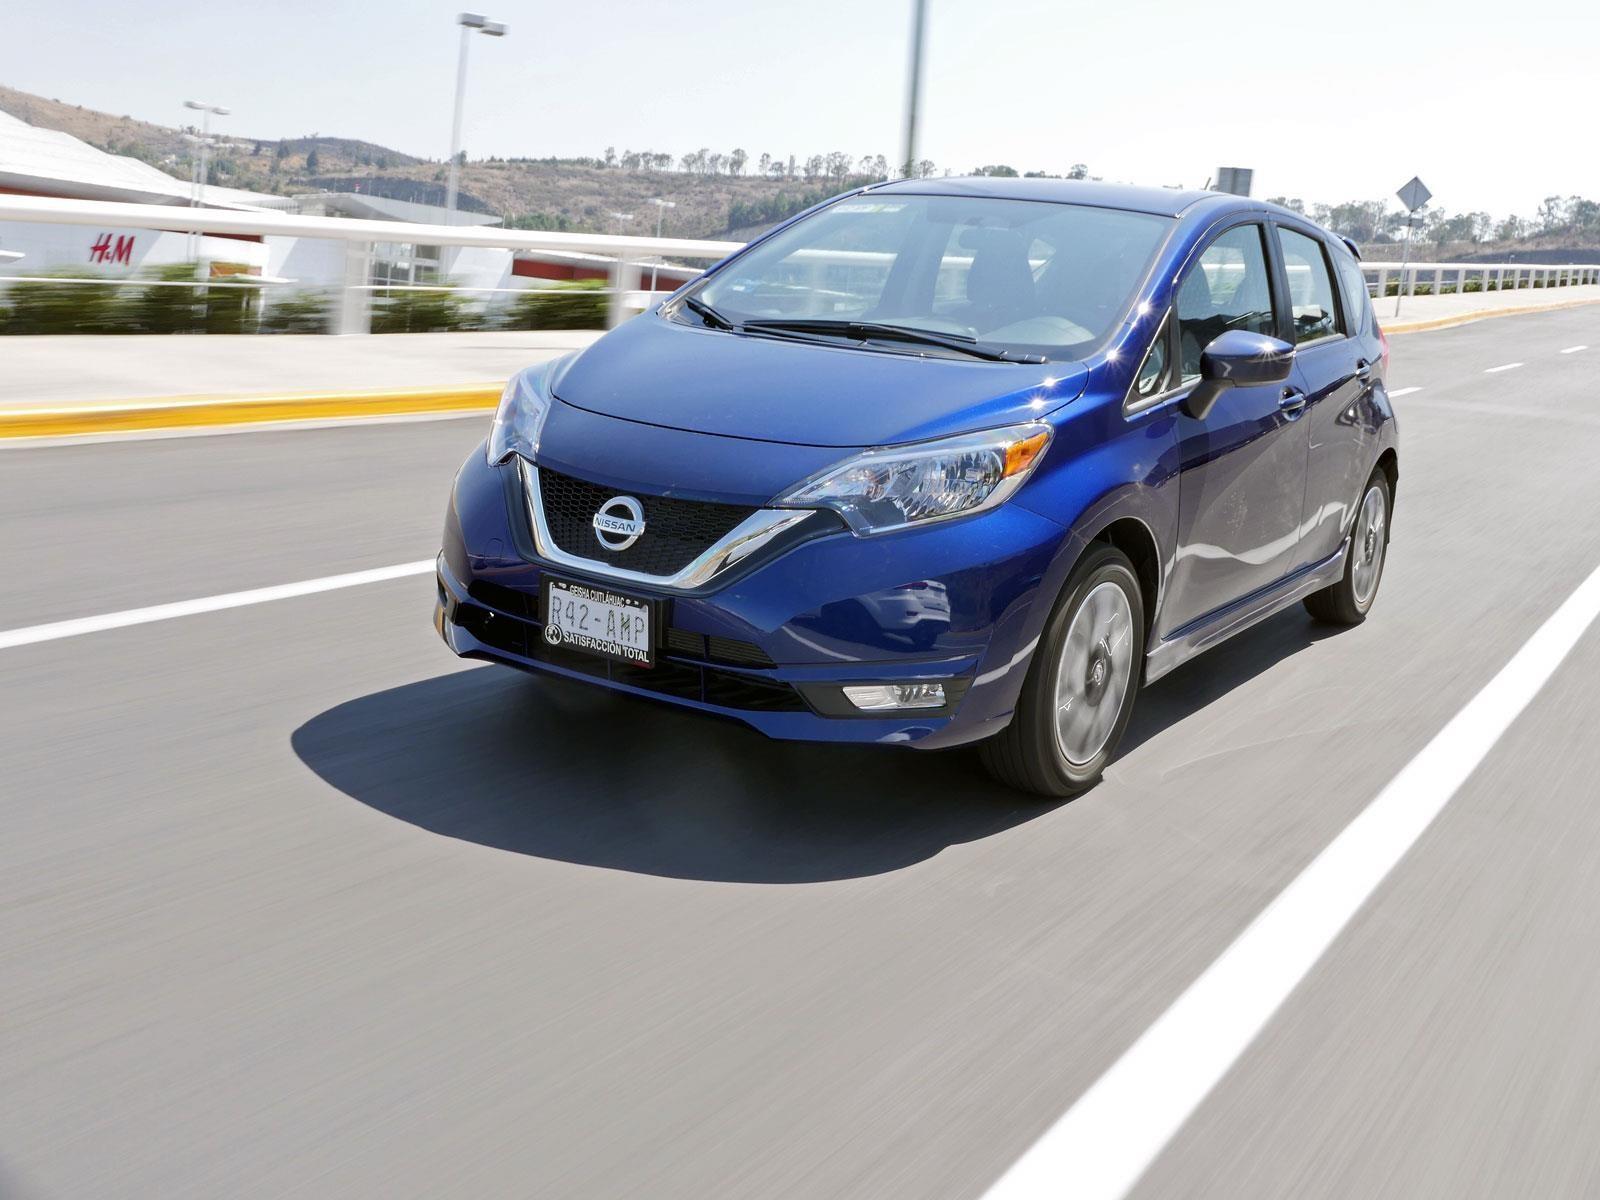 Manejamos el Nissan Note 2017